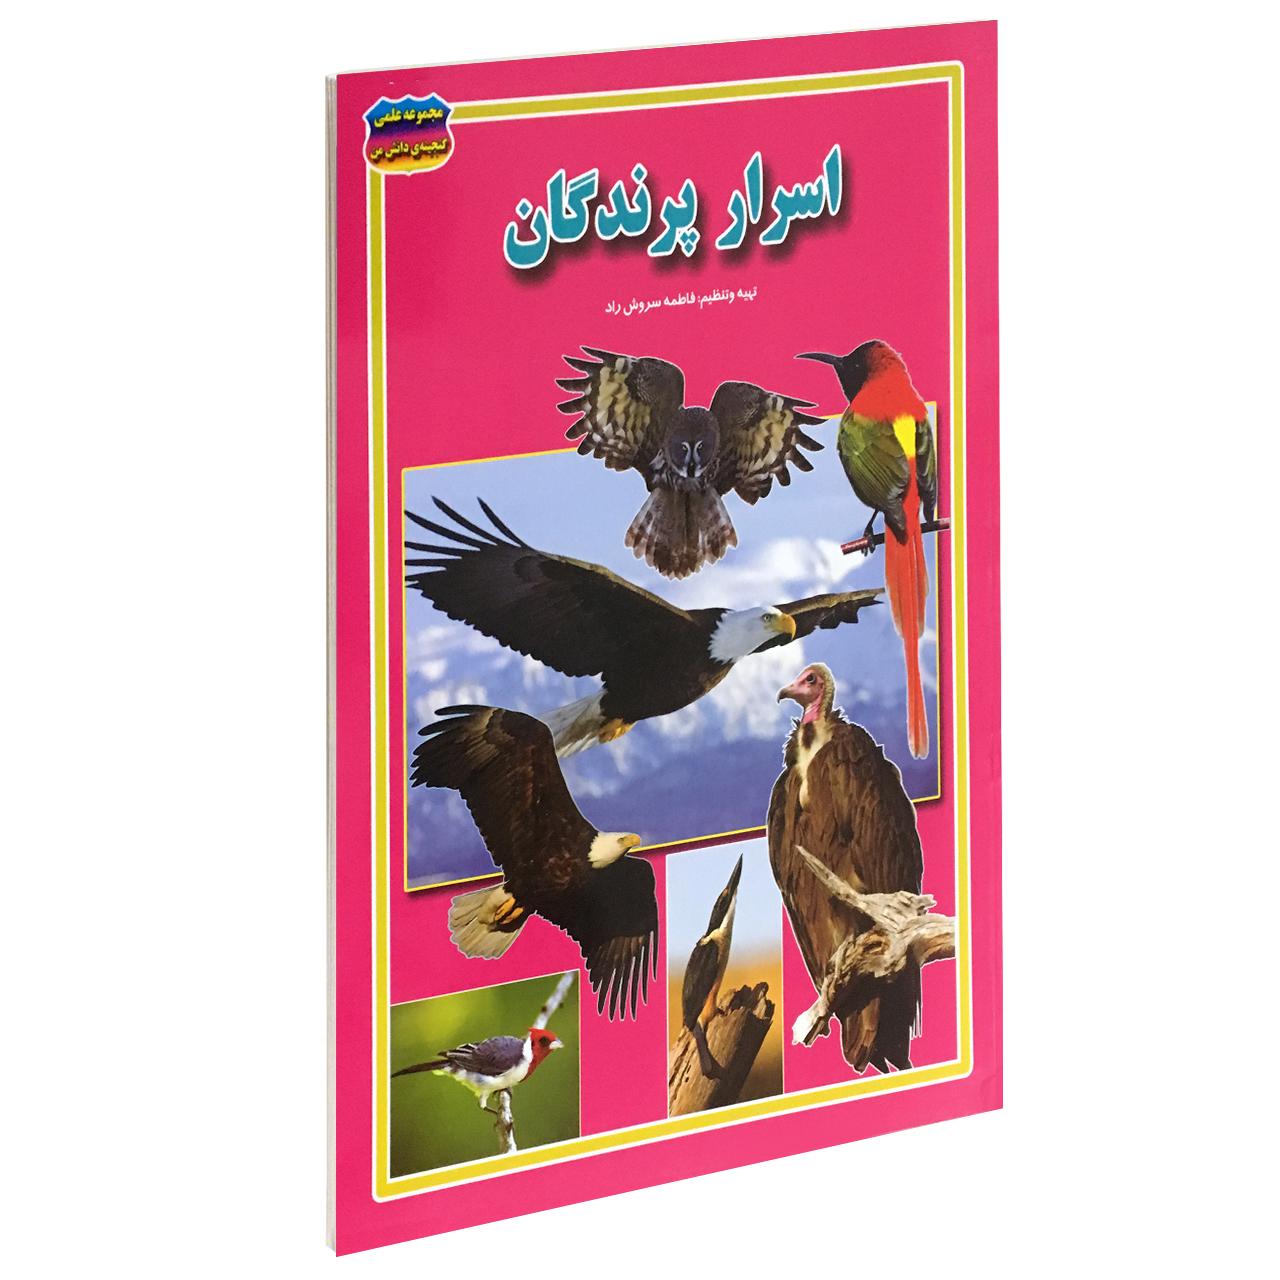 خرید                      کتاب اسرار پرندگان اثر فاطمه سروش راد انتشارات حباب